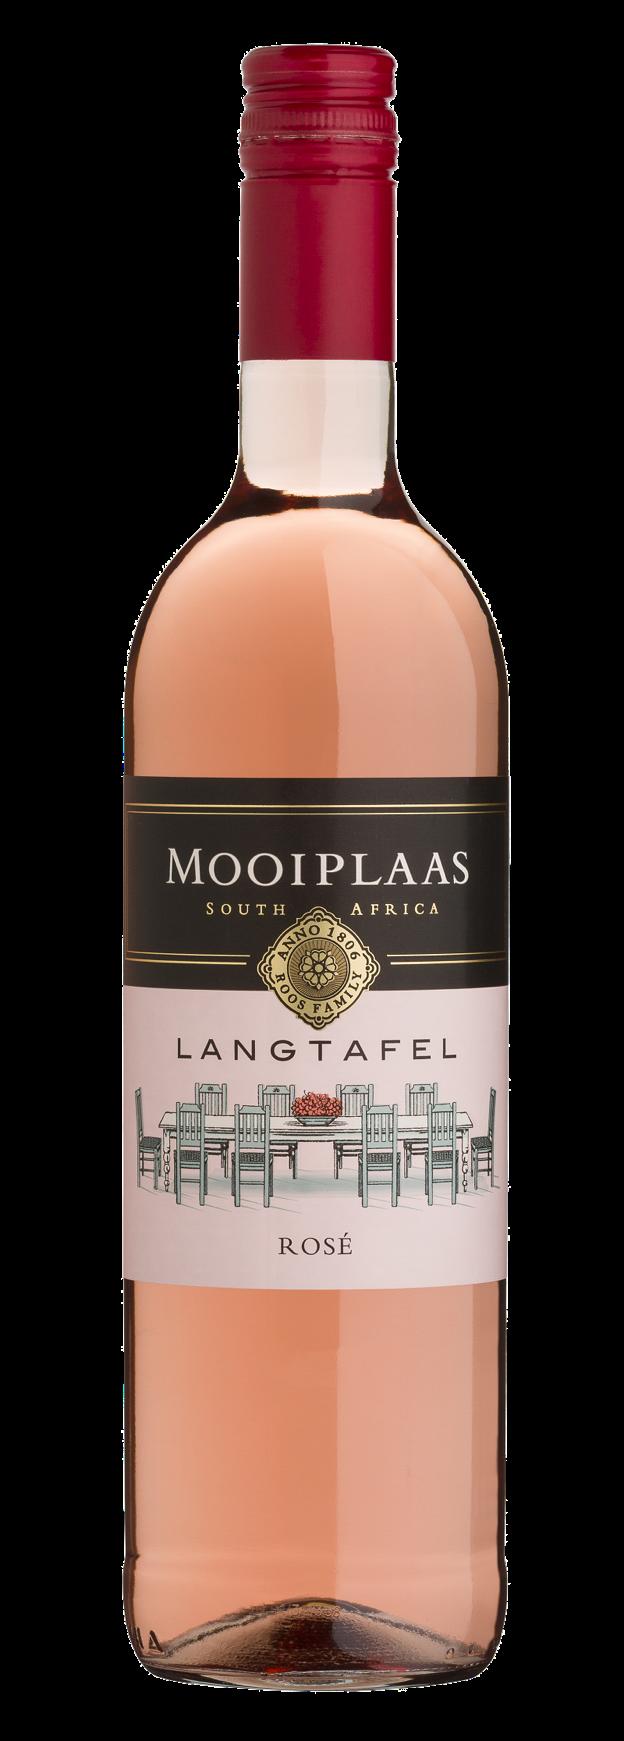 Mooiplaas Wine Estate Langtafel Pinotage, 2019, Stellenbosch, Zuid-Afrika, Roséwijn